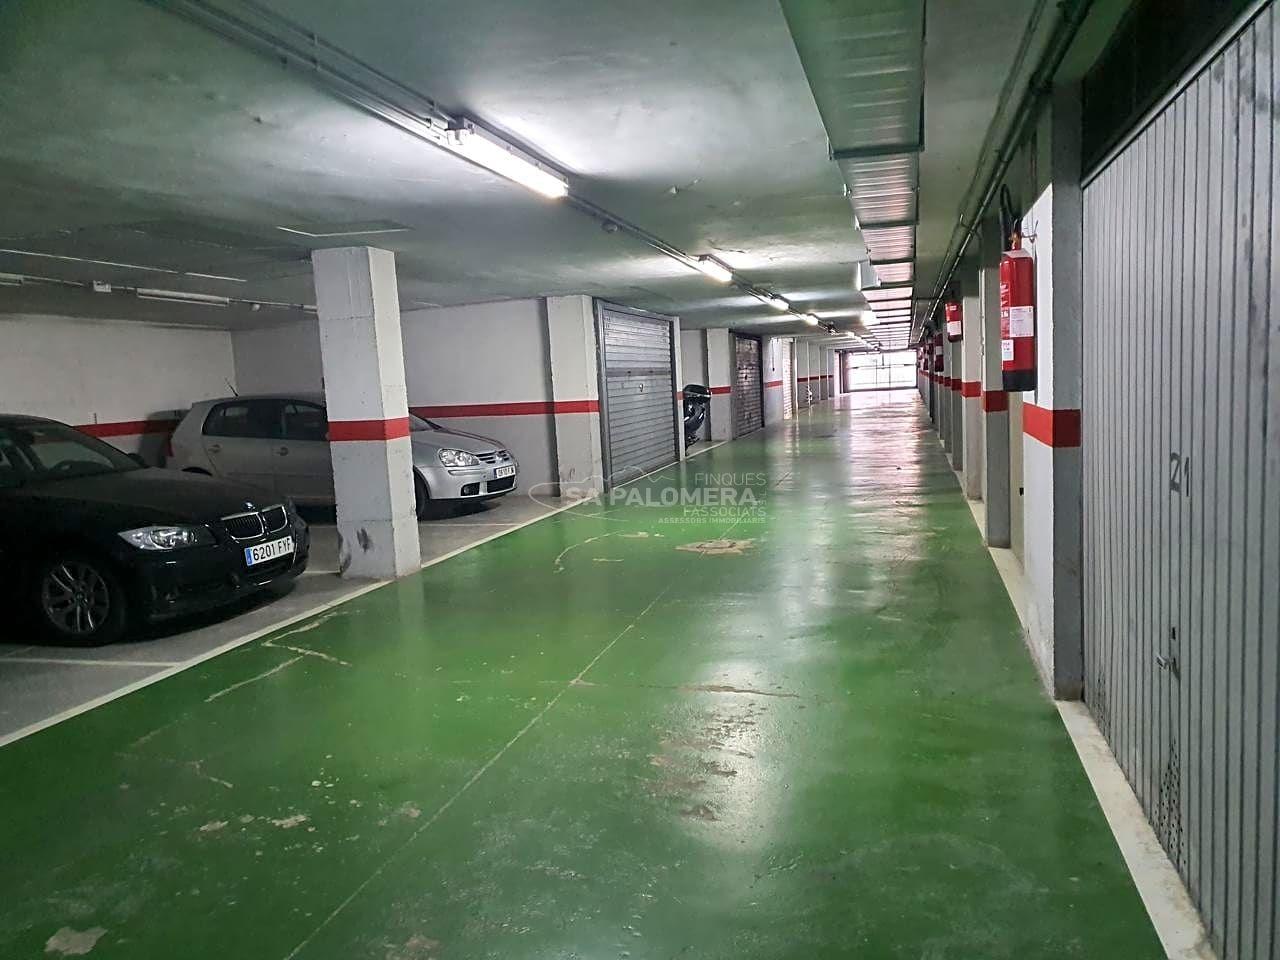 Affitto Posto auto  Calle carrer dels olivers. Plaza de parking cerrada de de 35 mts, en zona olivers, facil ac